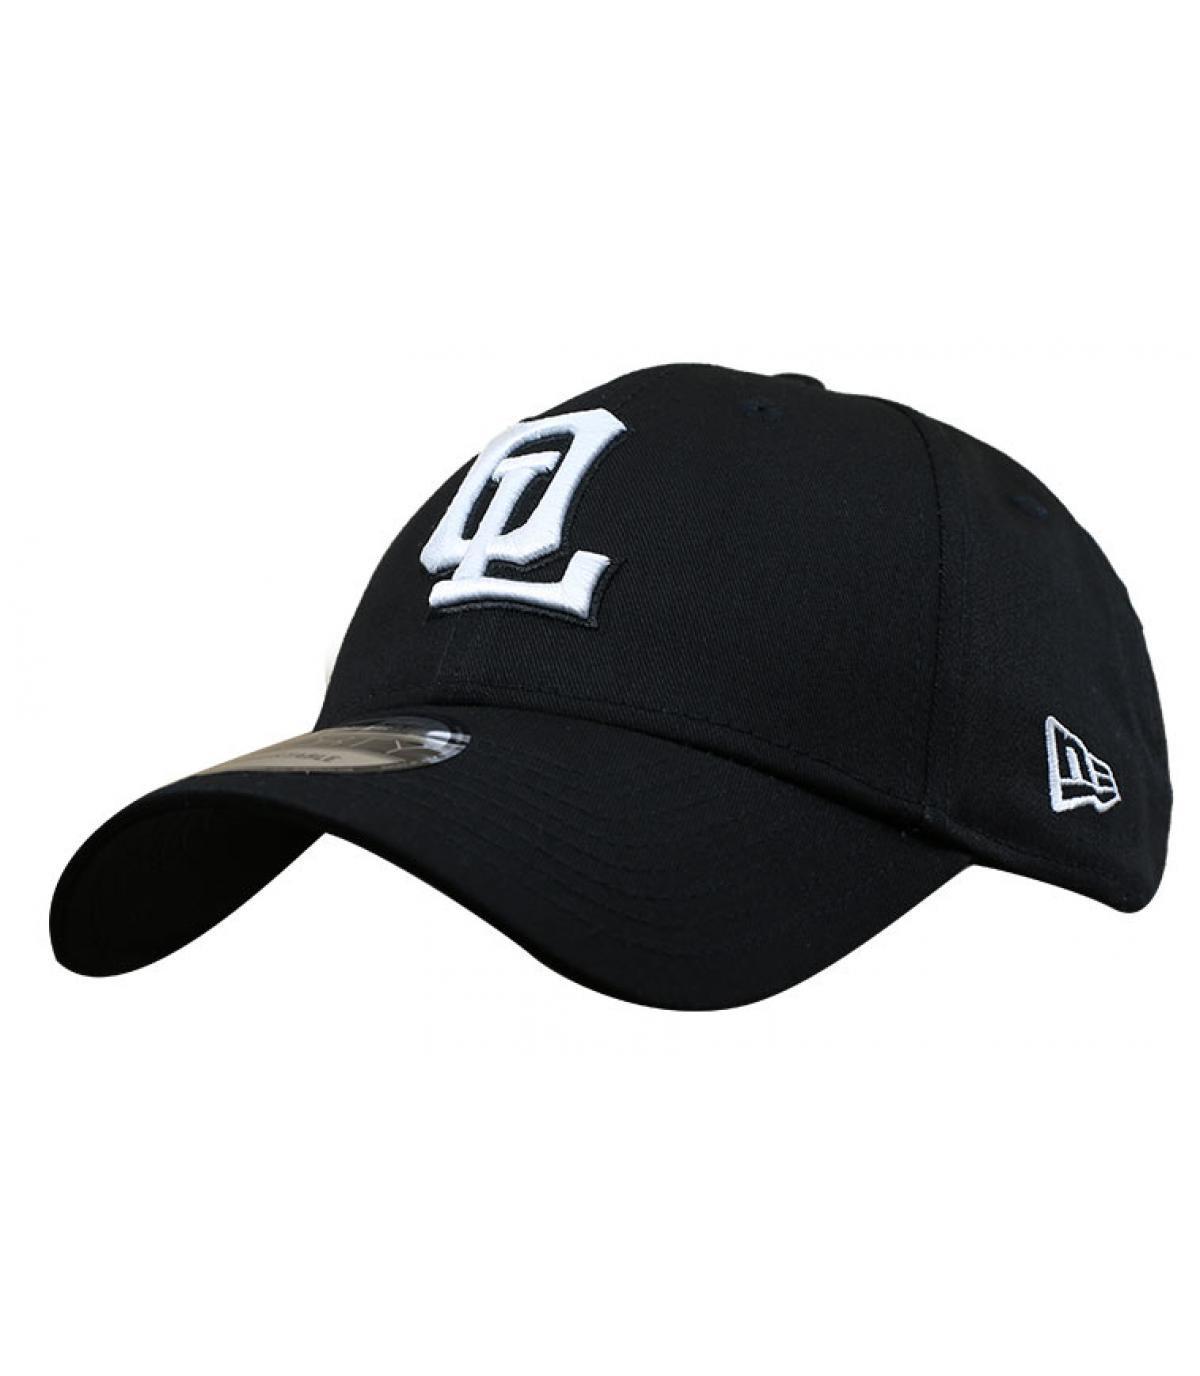 casquette OL noir